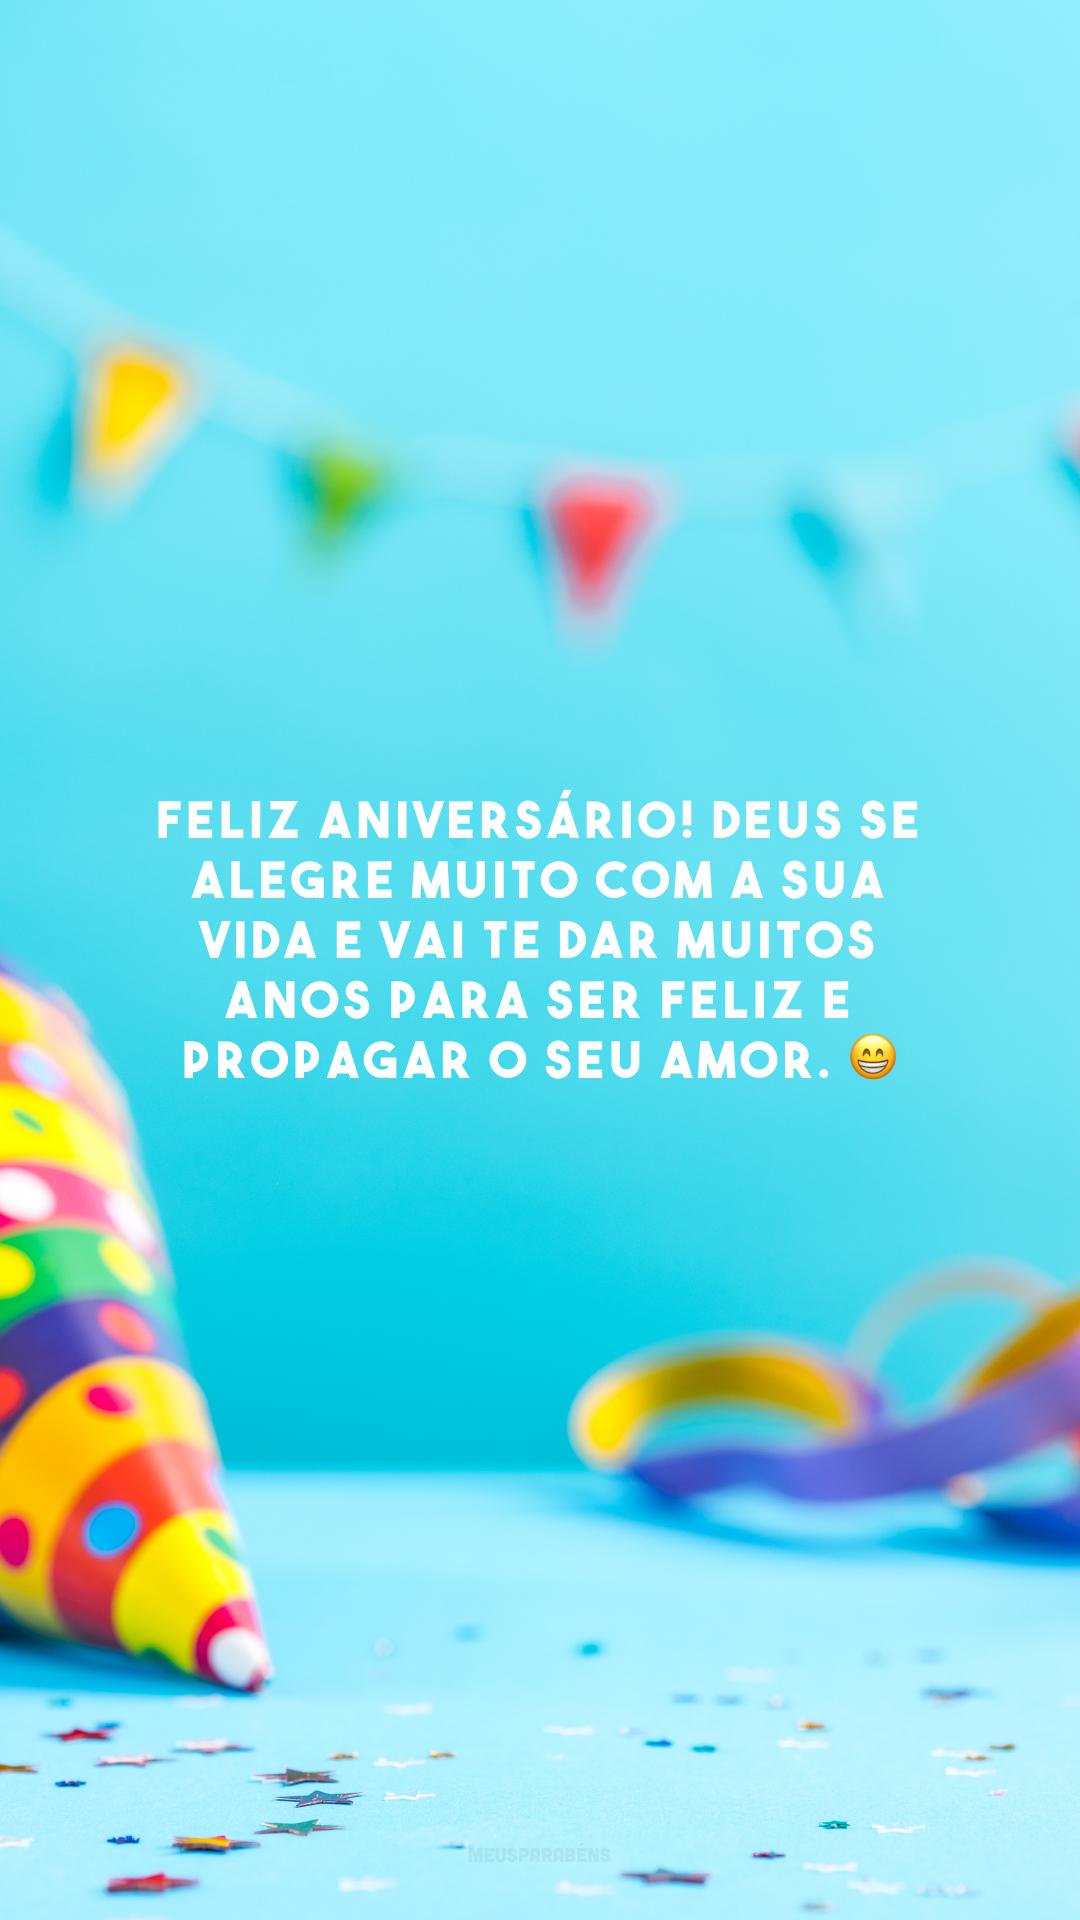 Feliz aniversário! Deus se alegre muito com a sua vida e vai te dar muitos anos para ser feliz e propagar o seu amor. 😁